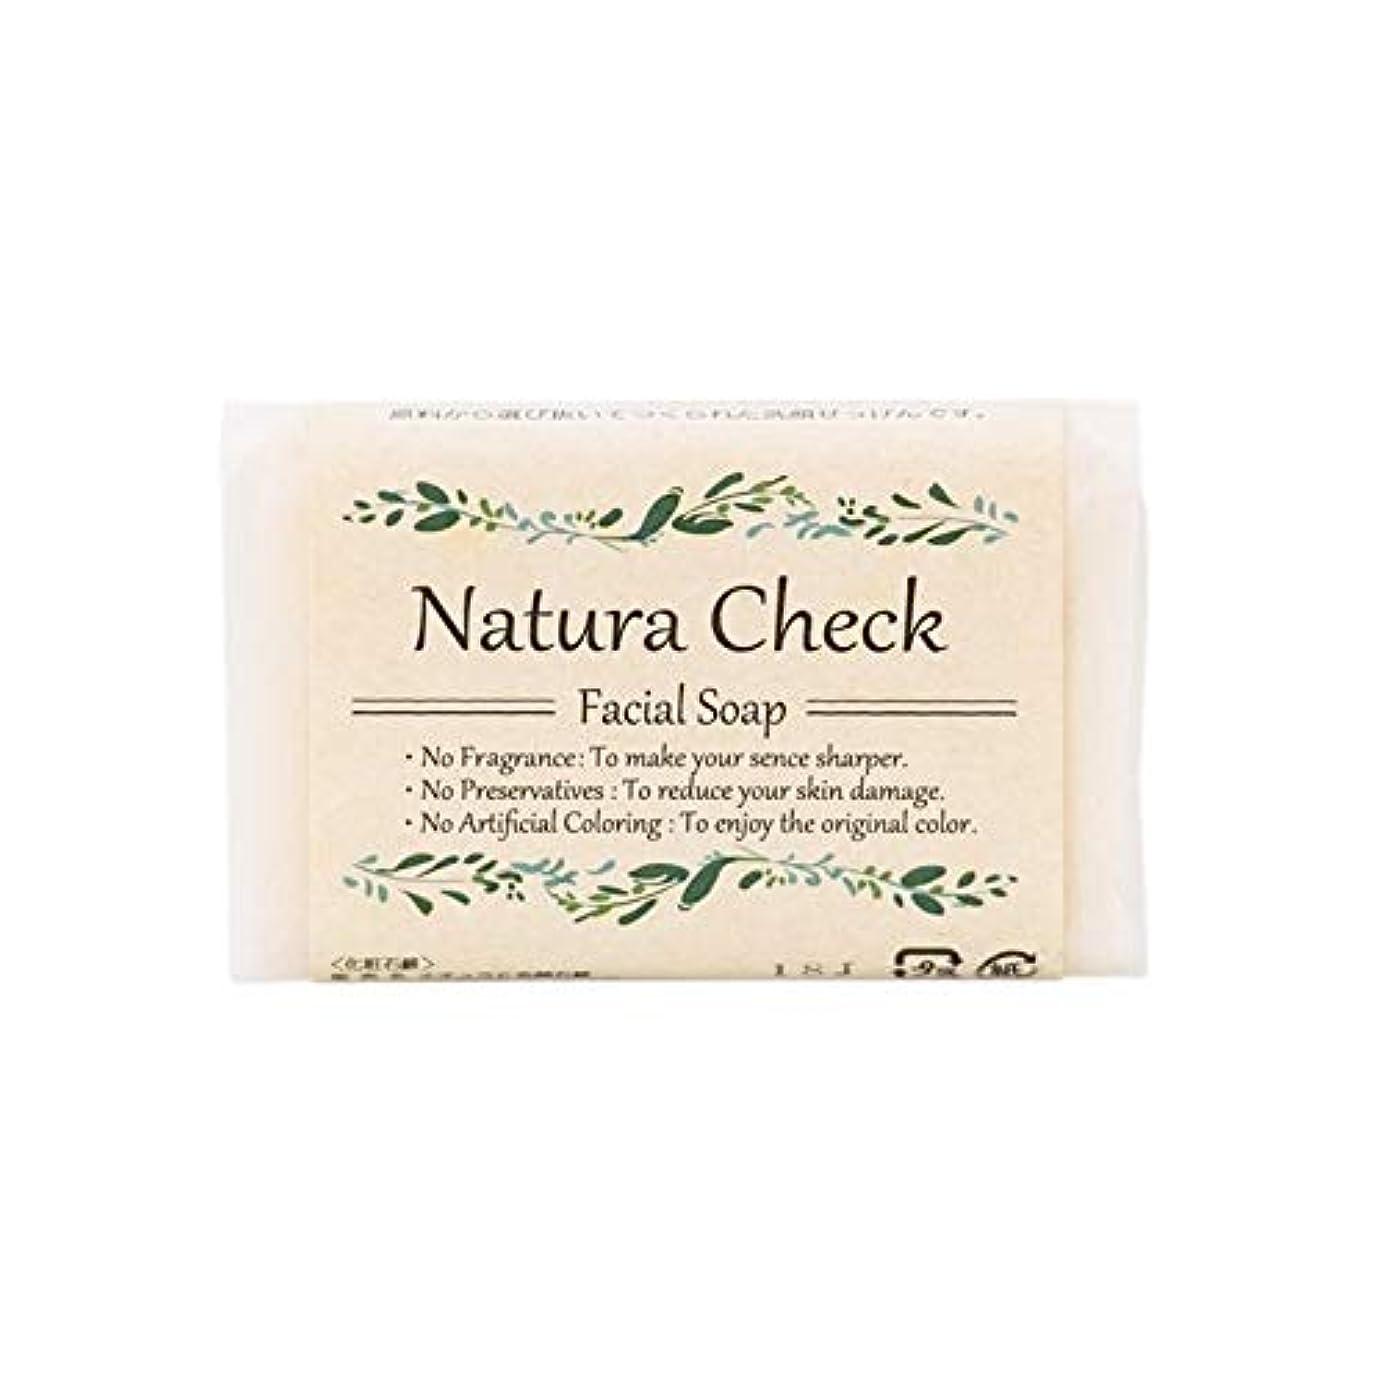 消防士群れ審判Natura Check 無添加洗顔せっけん80g 毛穴の黒ずみ、毛穴の開き、敏感肌、乾燥肌対策に 新生児やアトピー肌にも安心